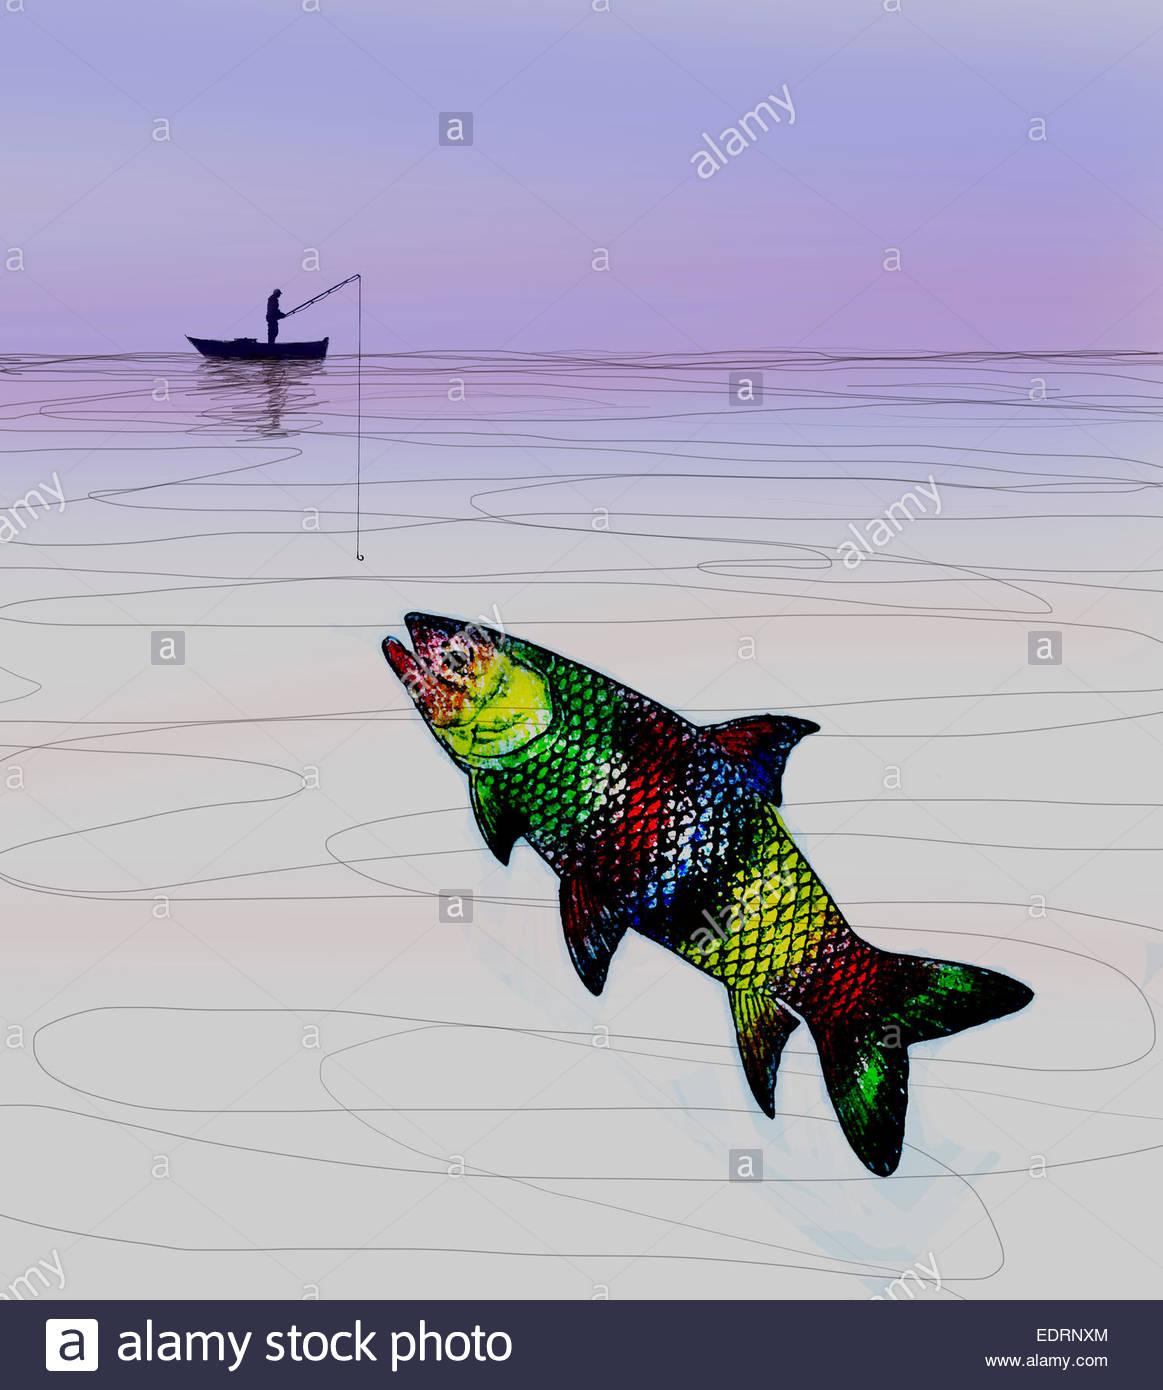 L'uomo cerca di catturare grandi pesci multicolori Immagini Stock